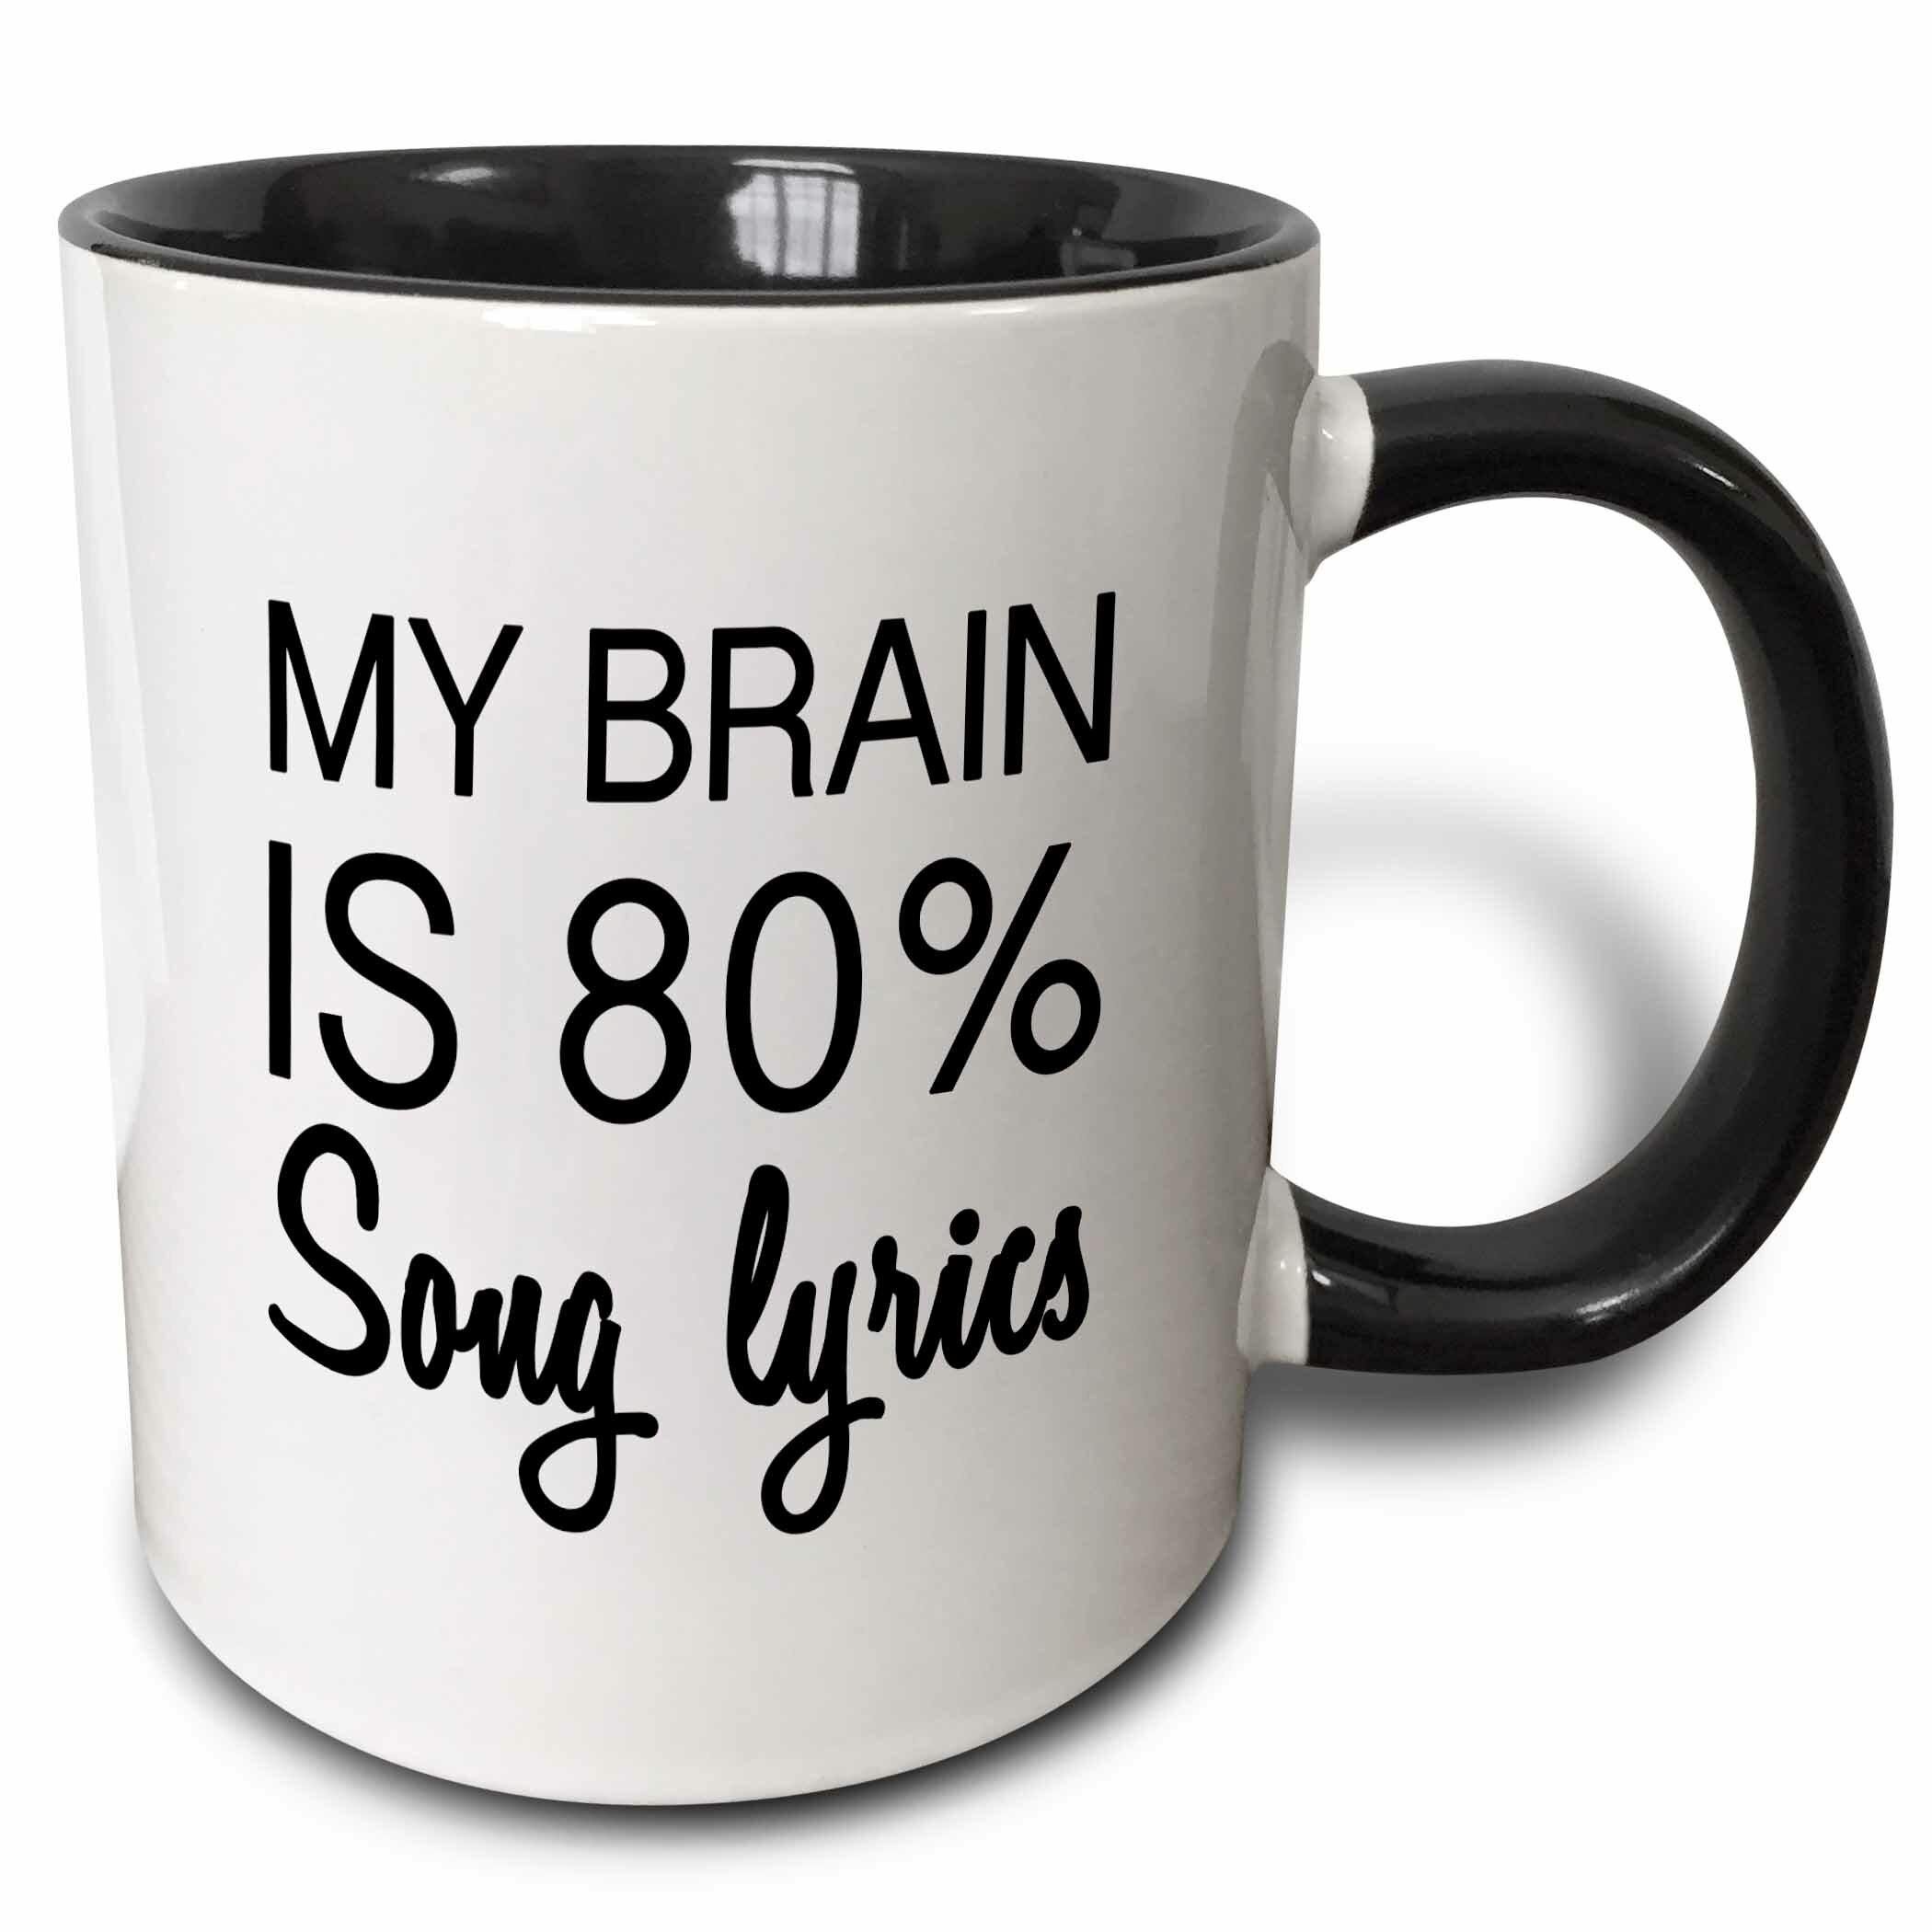 Urban 80 Song East My MugWayfair Lyrics Brain Coffee Home Percent Is eDE9W2YbHI